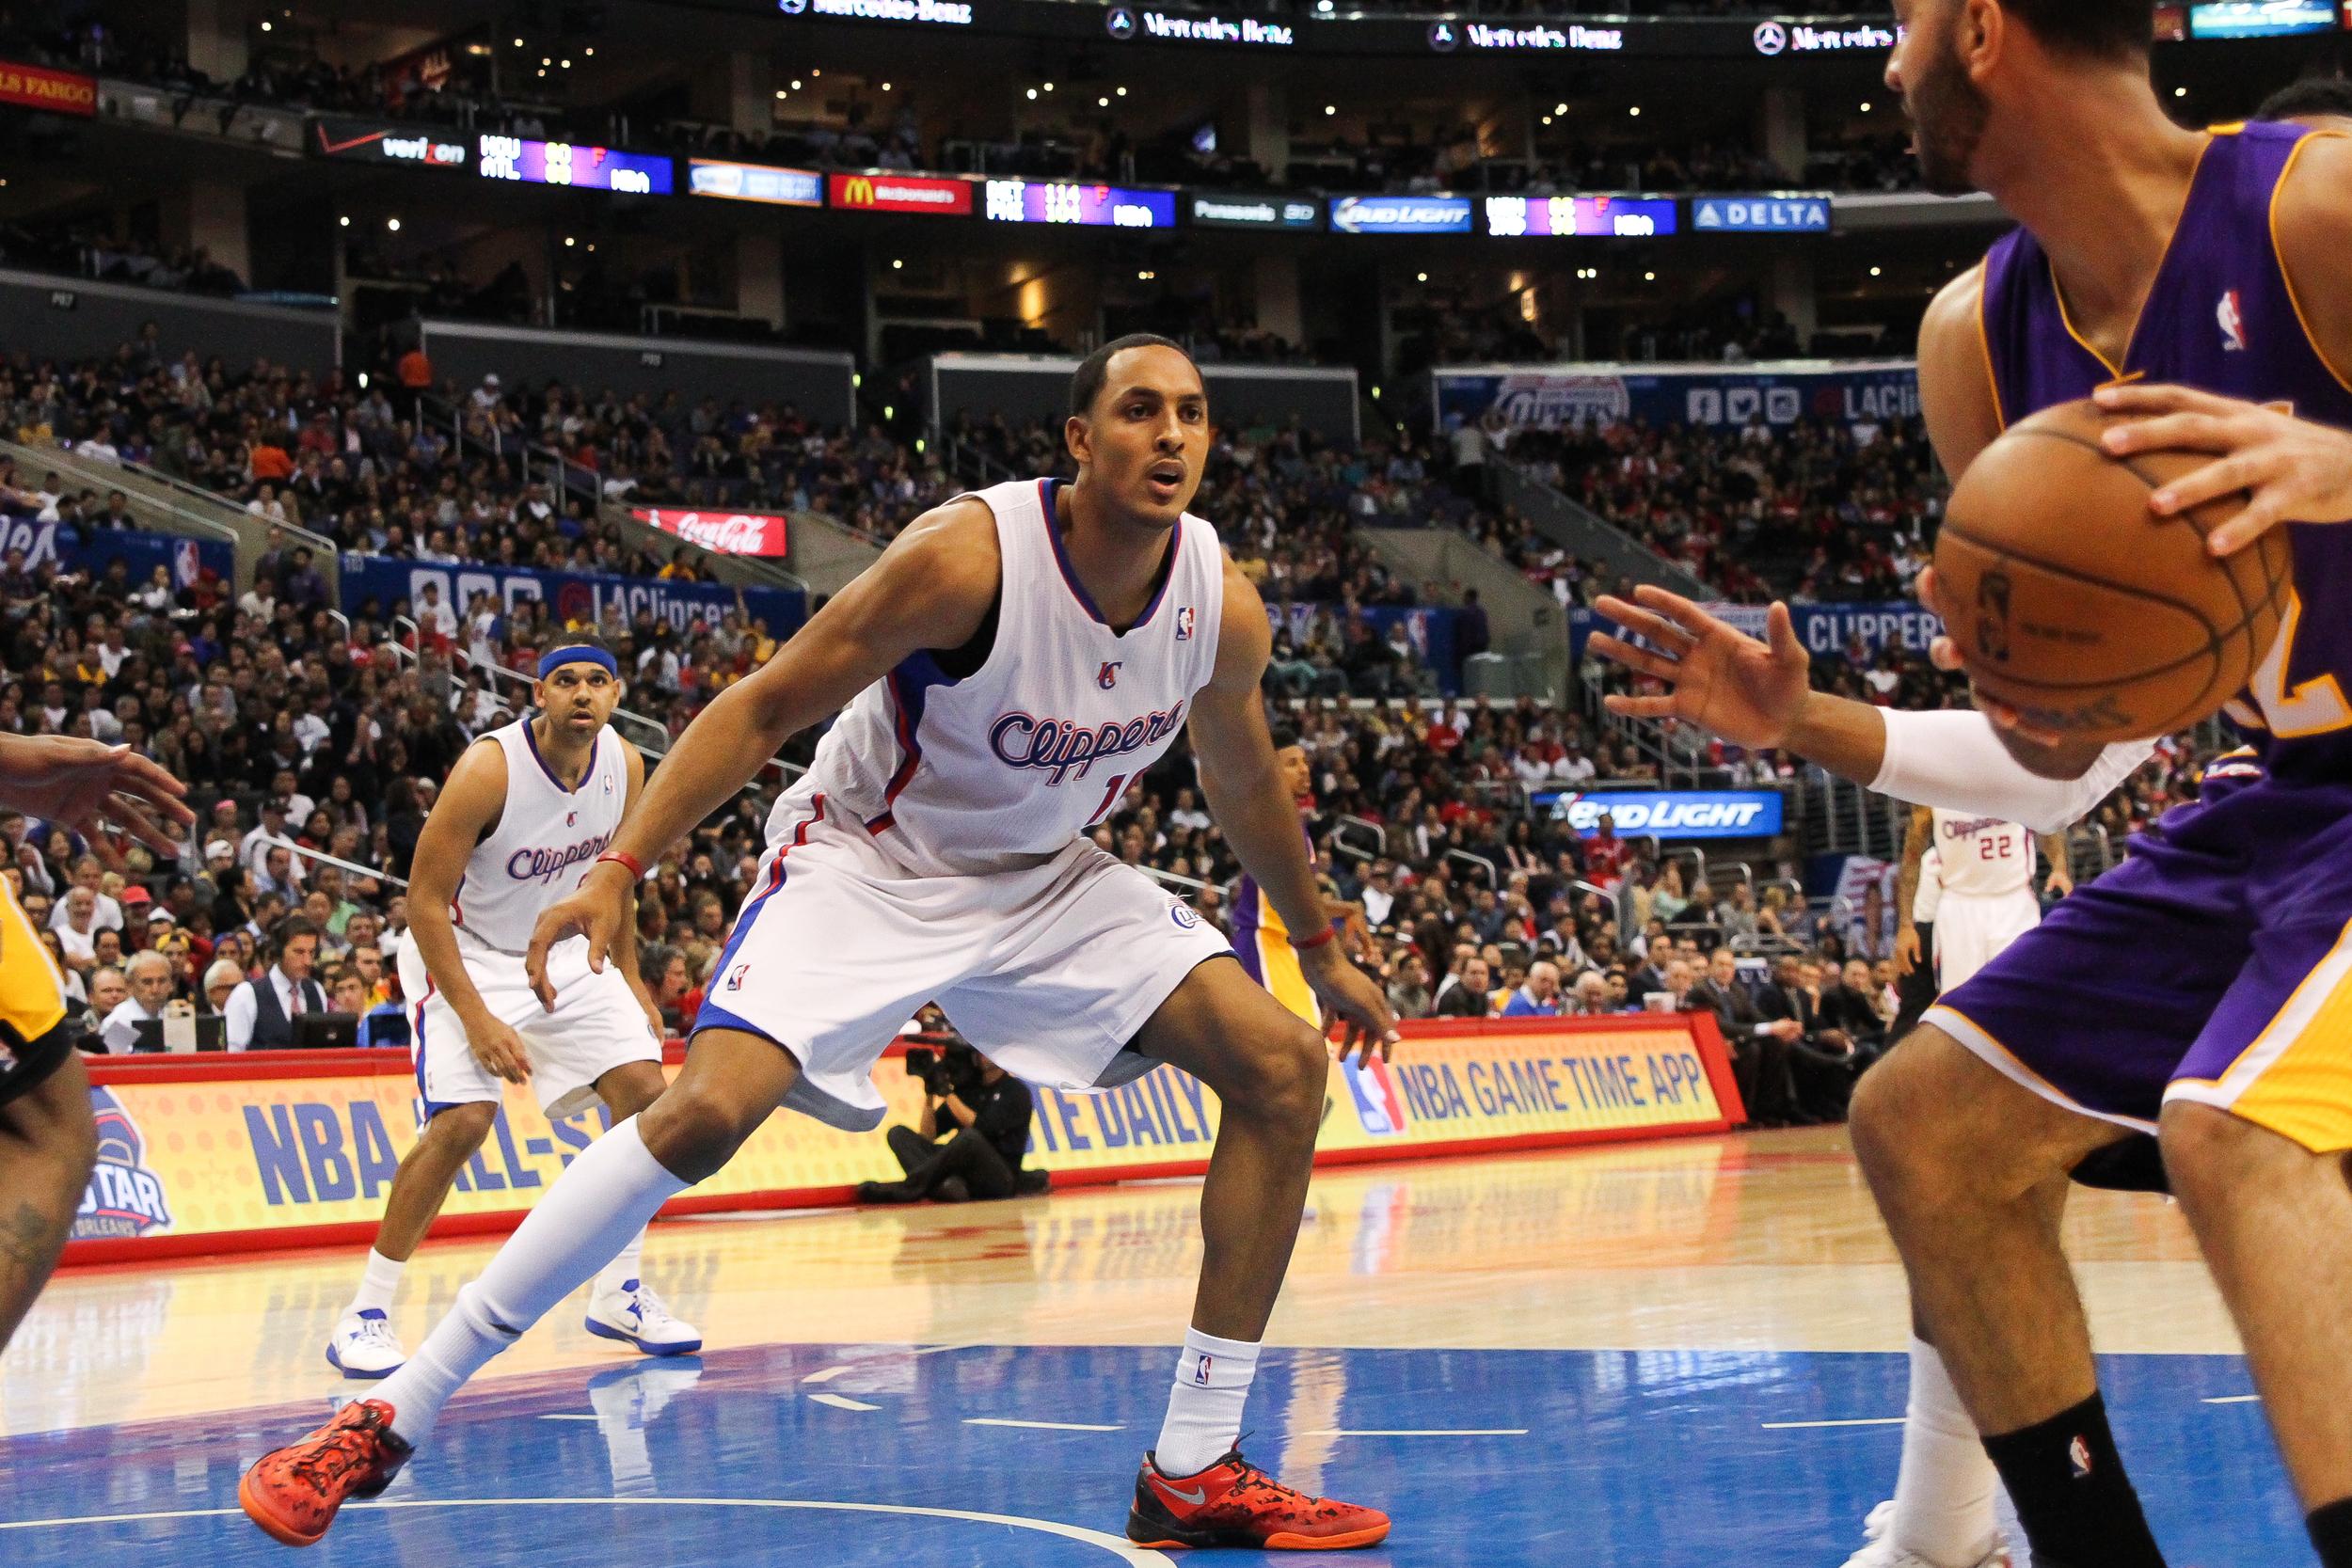 Photos by Varon P. Lakers-8.jpg